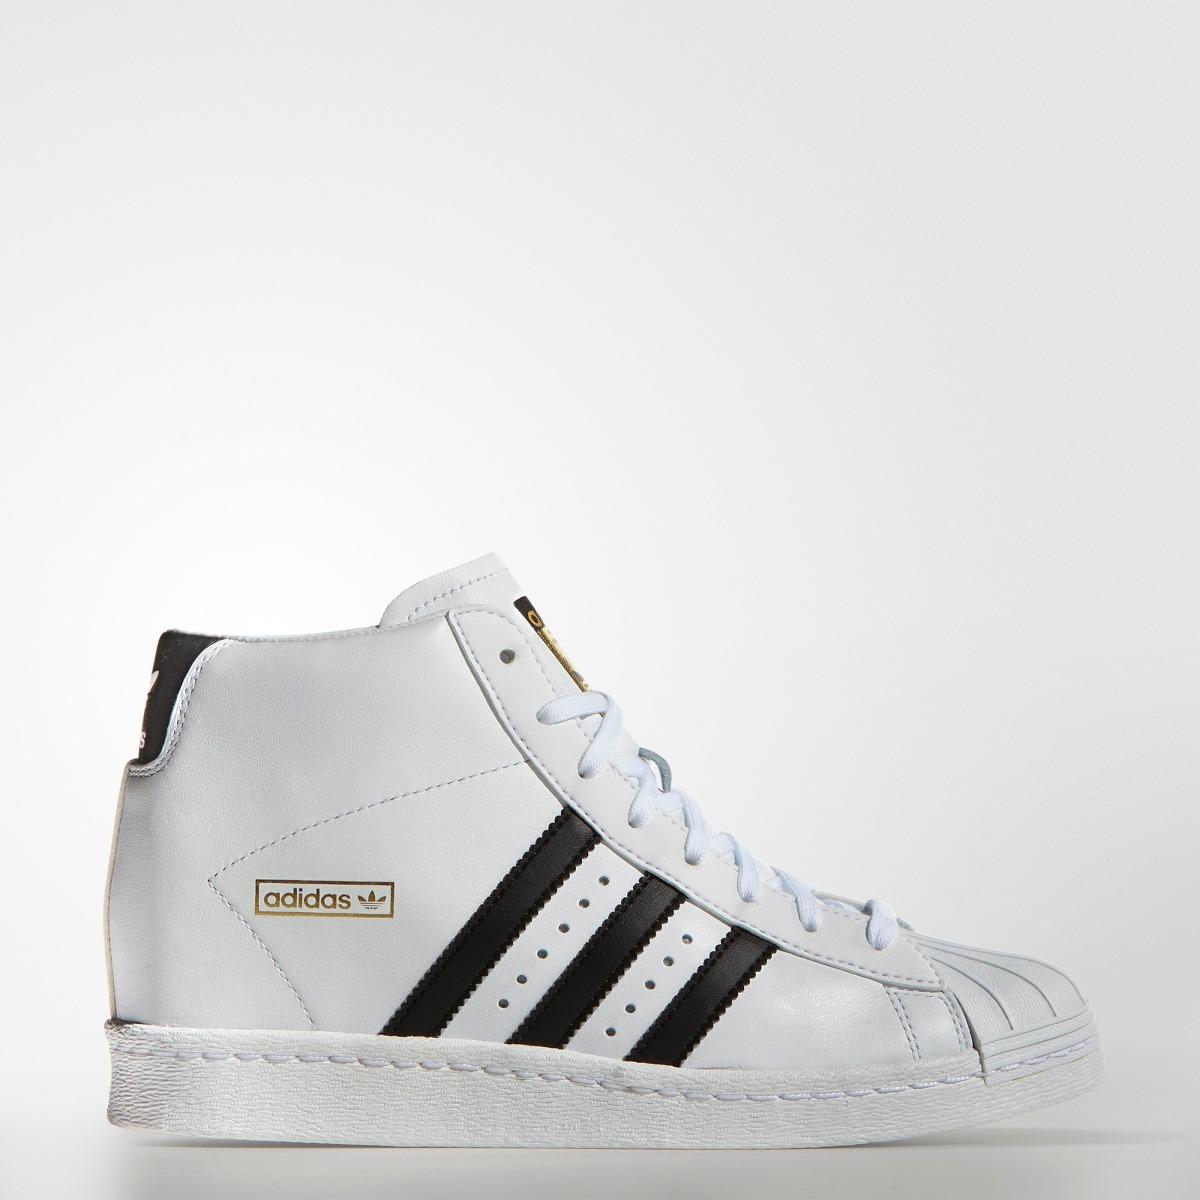 cc68cbcfba3a6 Zapatillas Adidas Mujer Blancas 2016 pisocompartido-madrid.es